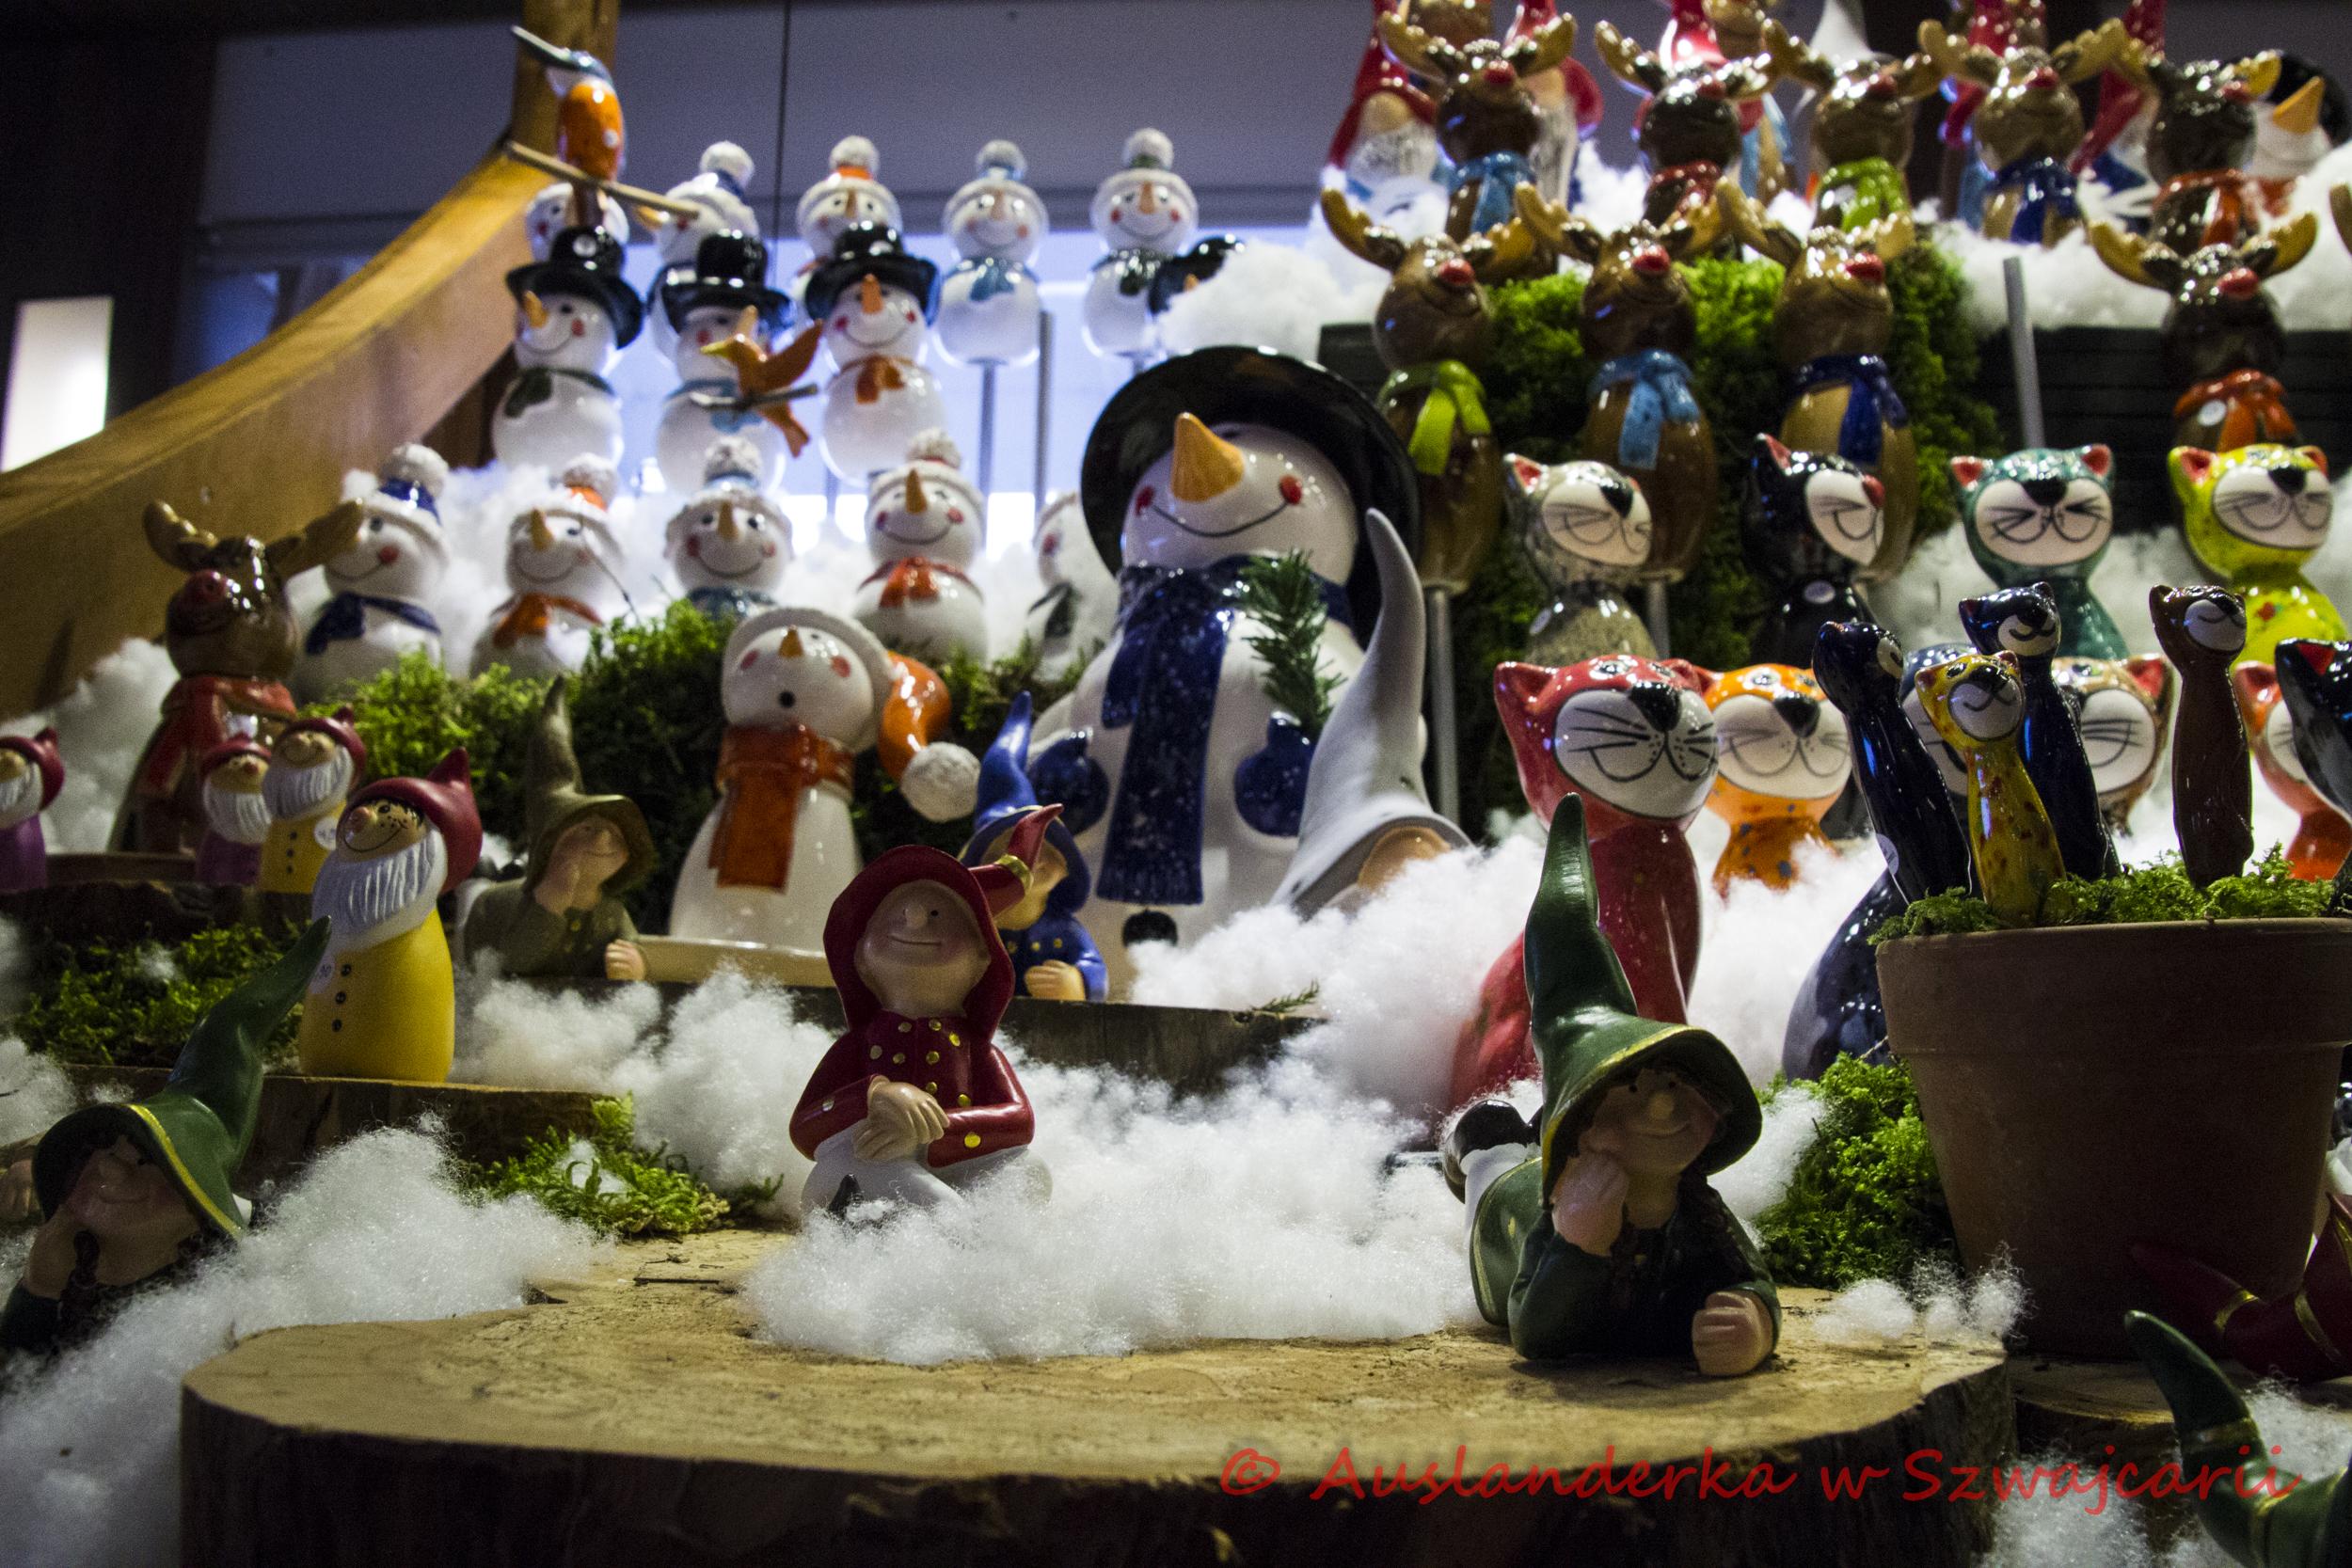 20161210_weihnachtsmarkt_konstanz_joannarutkoseitler_10